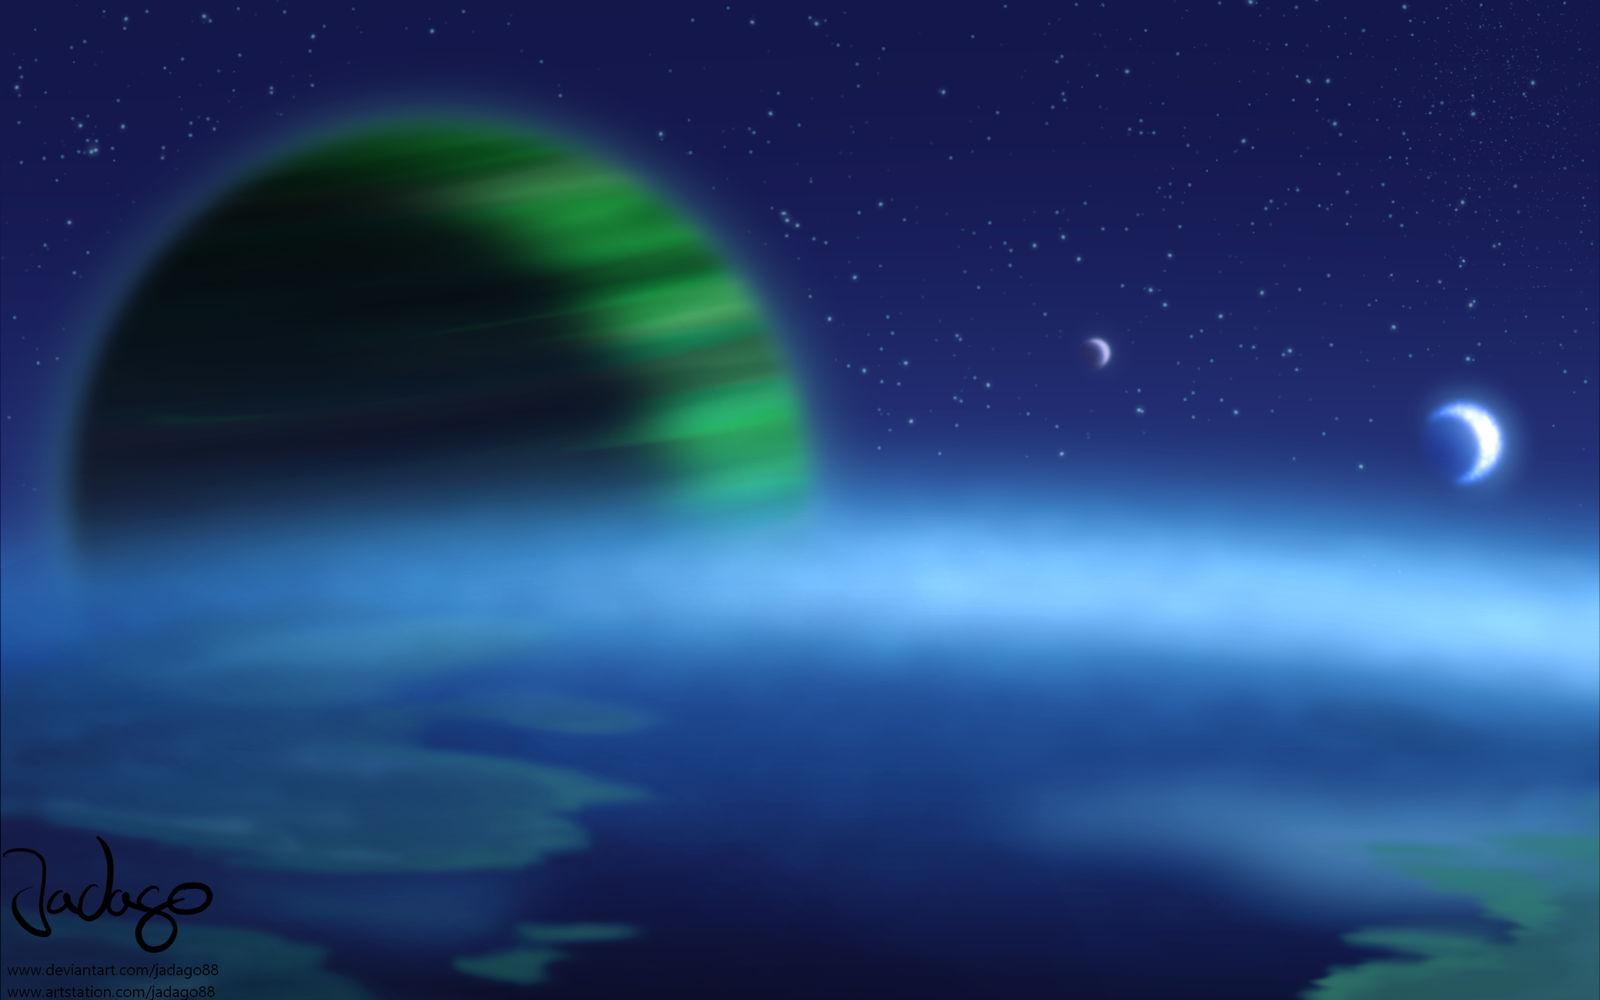 moons_of_jool_by_jadago88_de2bqn6-fullvi